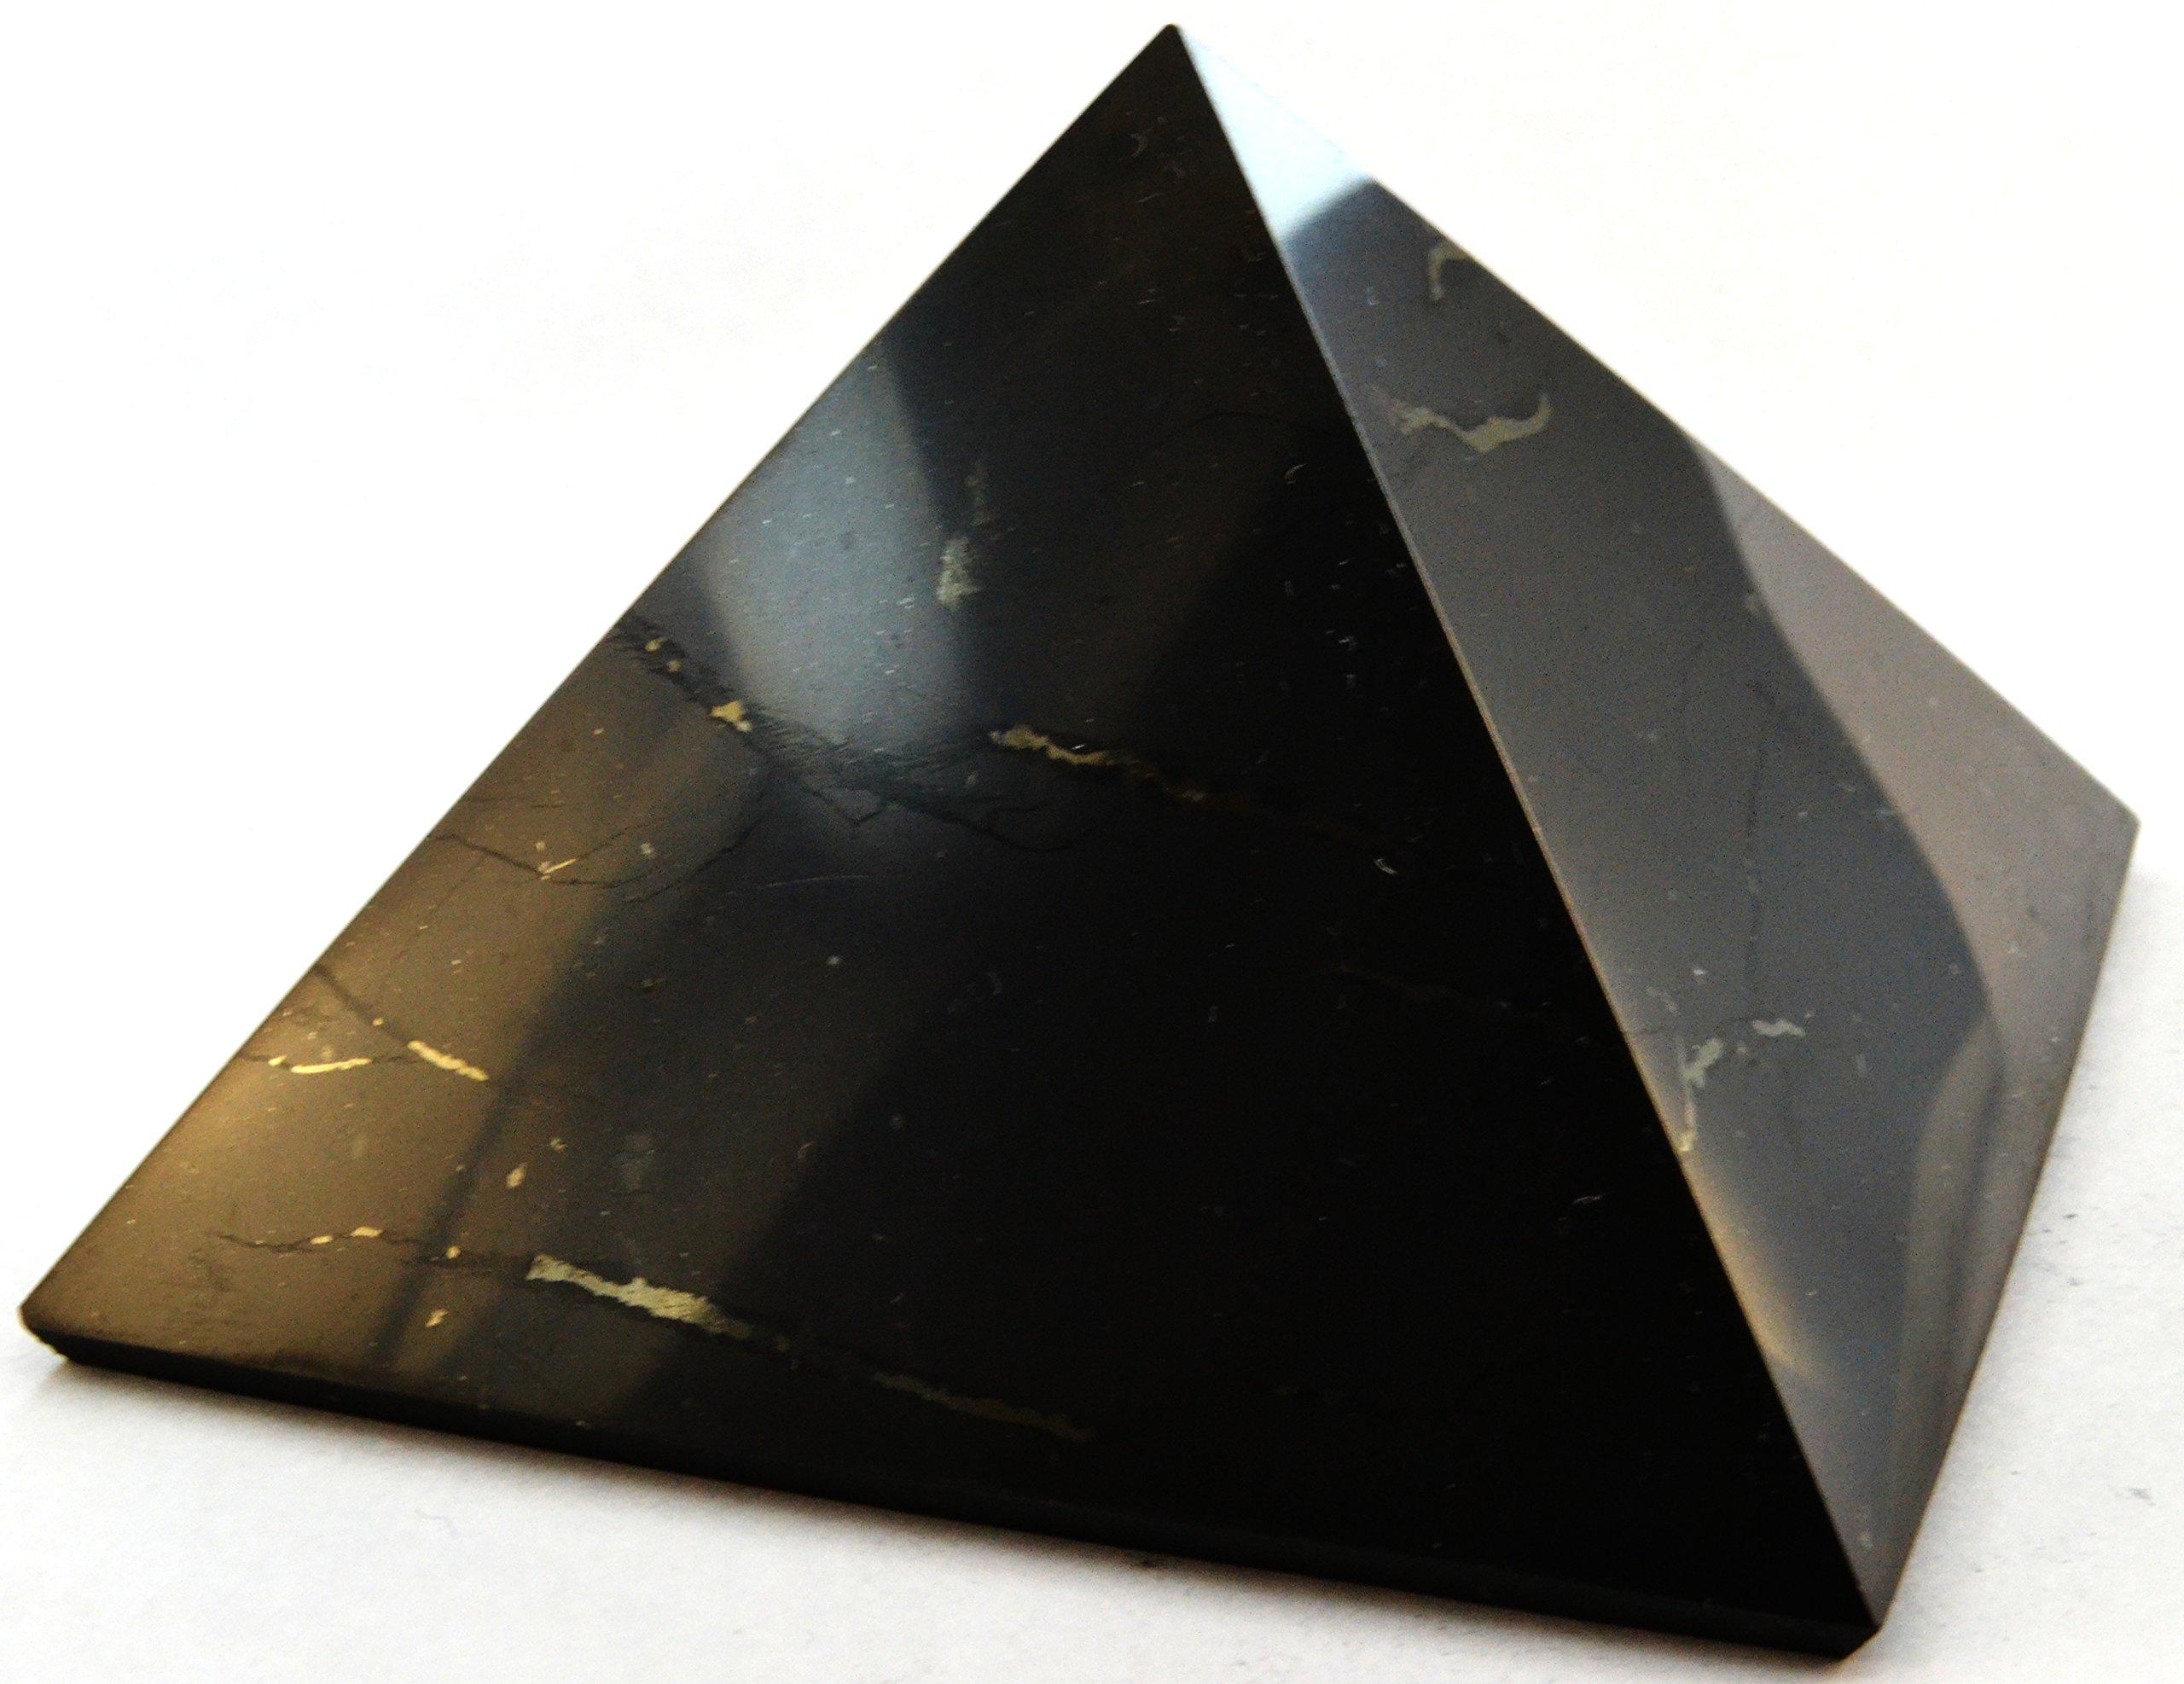 Keled Rocks Shungite Pyramid Polished Natural Shungites Stone 4''